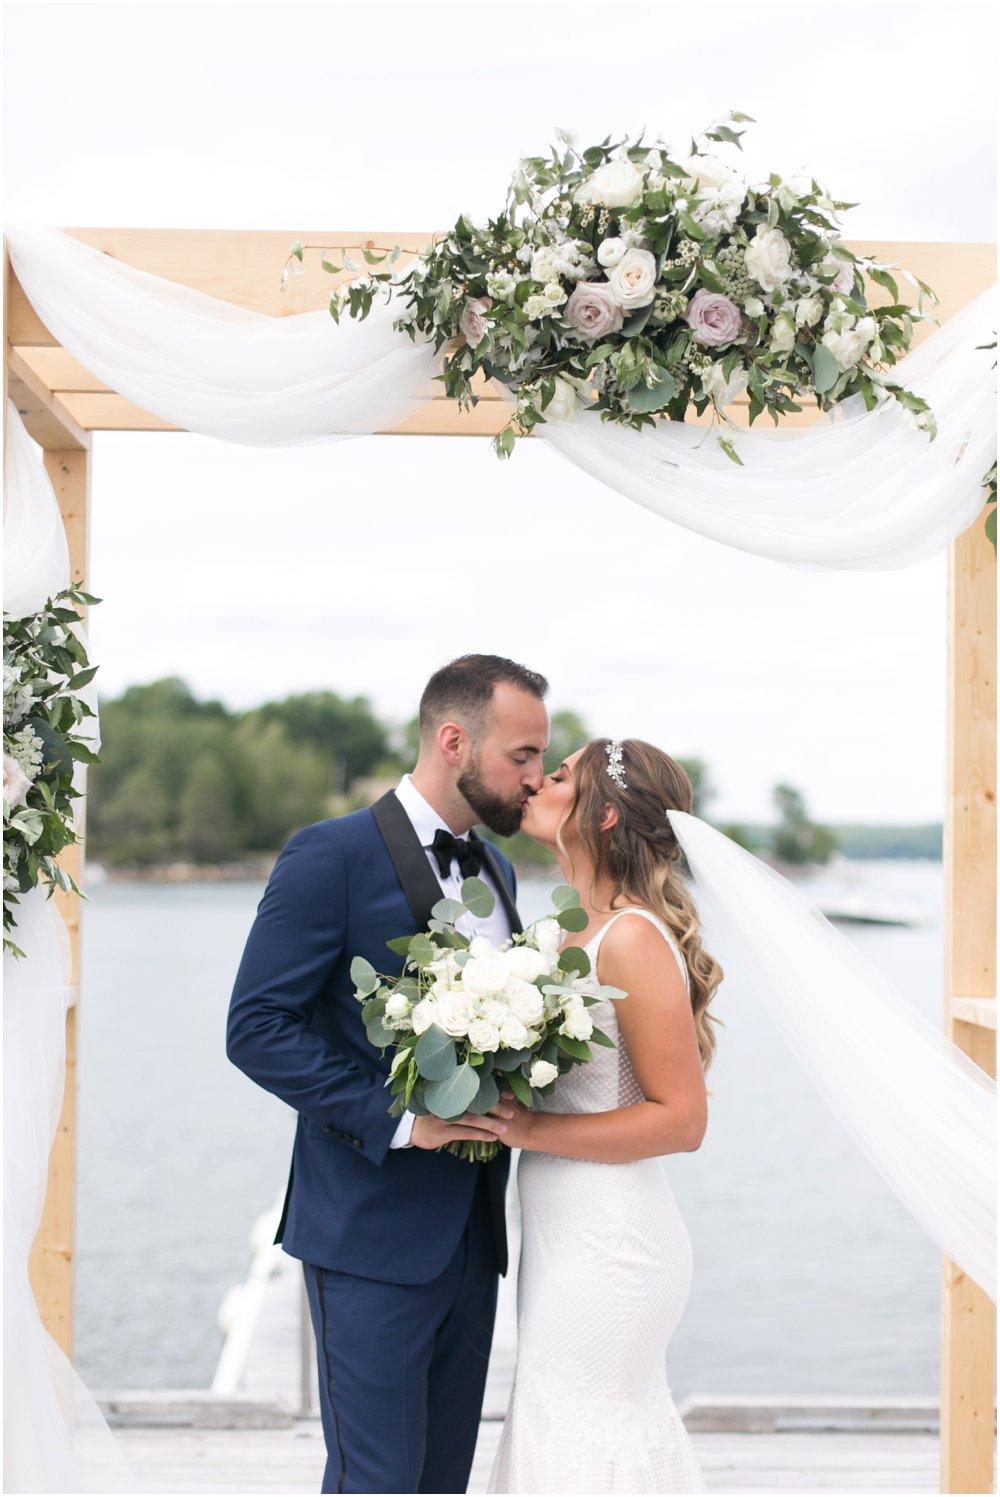 Mahone-Bay-Wedding-Chantal-Routhier-Photography_0021.jpg